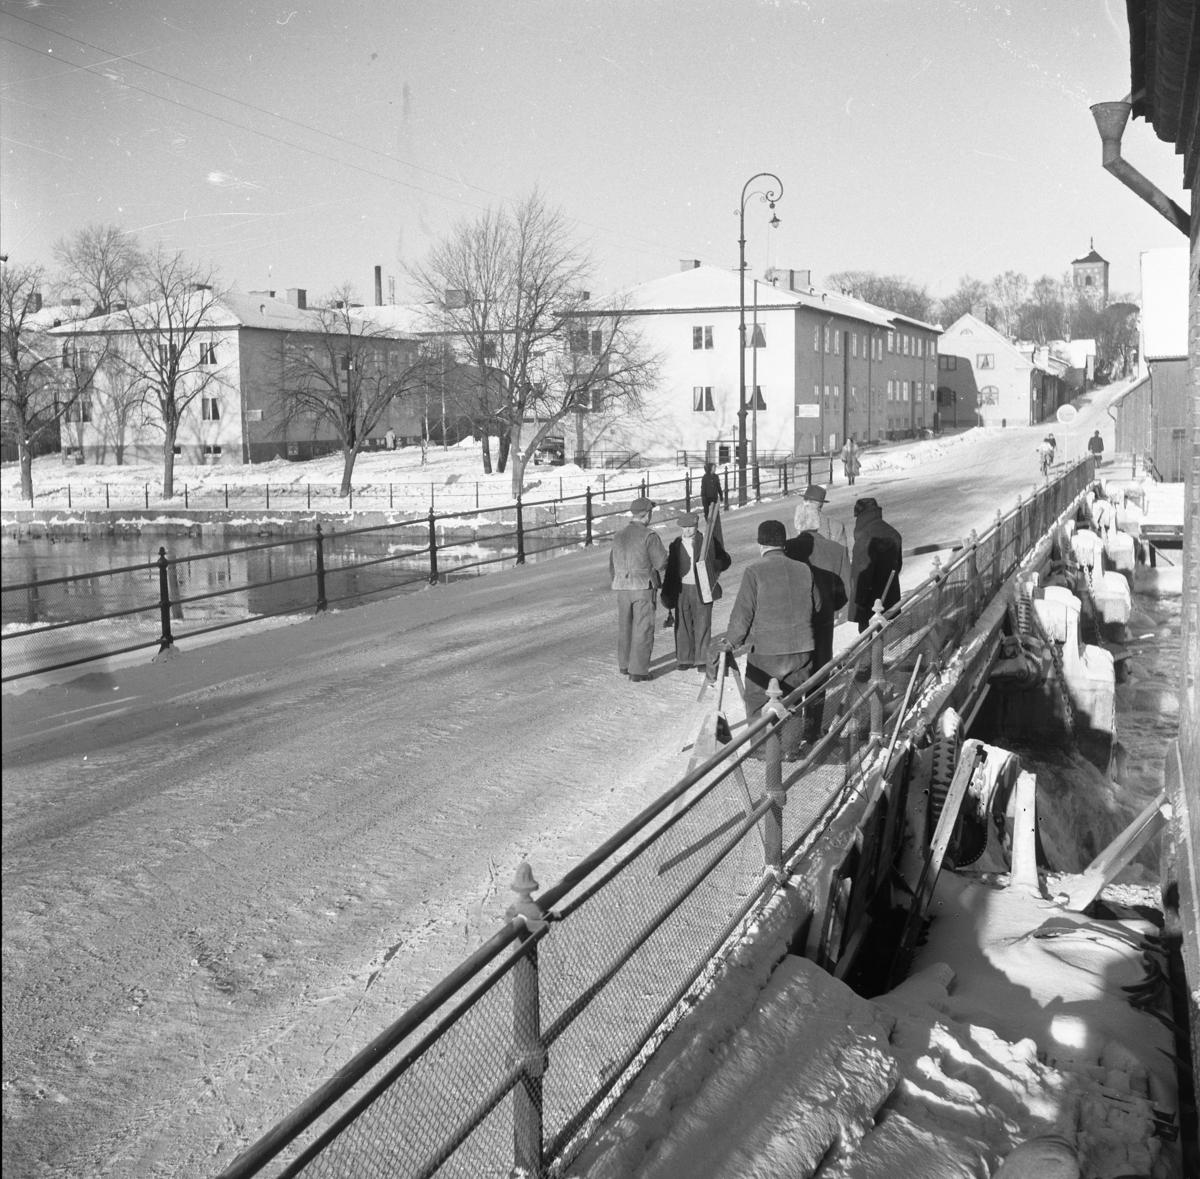 Män som samtalar på Herrgårdsbron. Två bockar är uppställda och en man bär en stege, de har arbete att utföra. Två av männen bär storvästar. Några andra har krimmelmössor. Två personer cyklar. En kvinna i päls är på väg över bron. Herrgårdsvägen, riktning Sankt Nikolai kyrka/ Nicolai kyrka. Fastigheter vid Strandvägen. Till höger anas magasinet tillhörande Arboga Kvarn och Maltfabrik. Två av männen bär storvästar. Några andra har krimmelmössor. Det är vinter och snö. Det är vinter och snö.